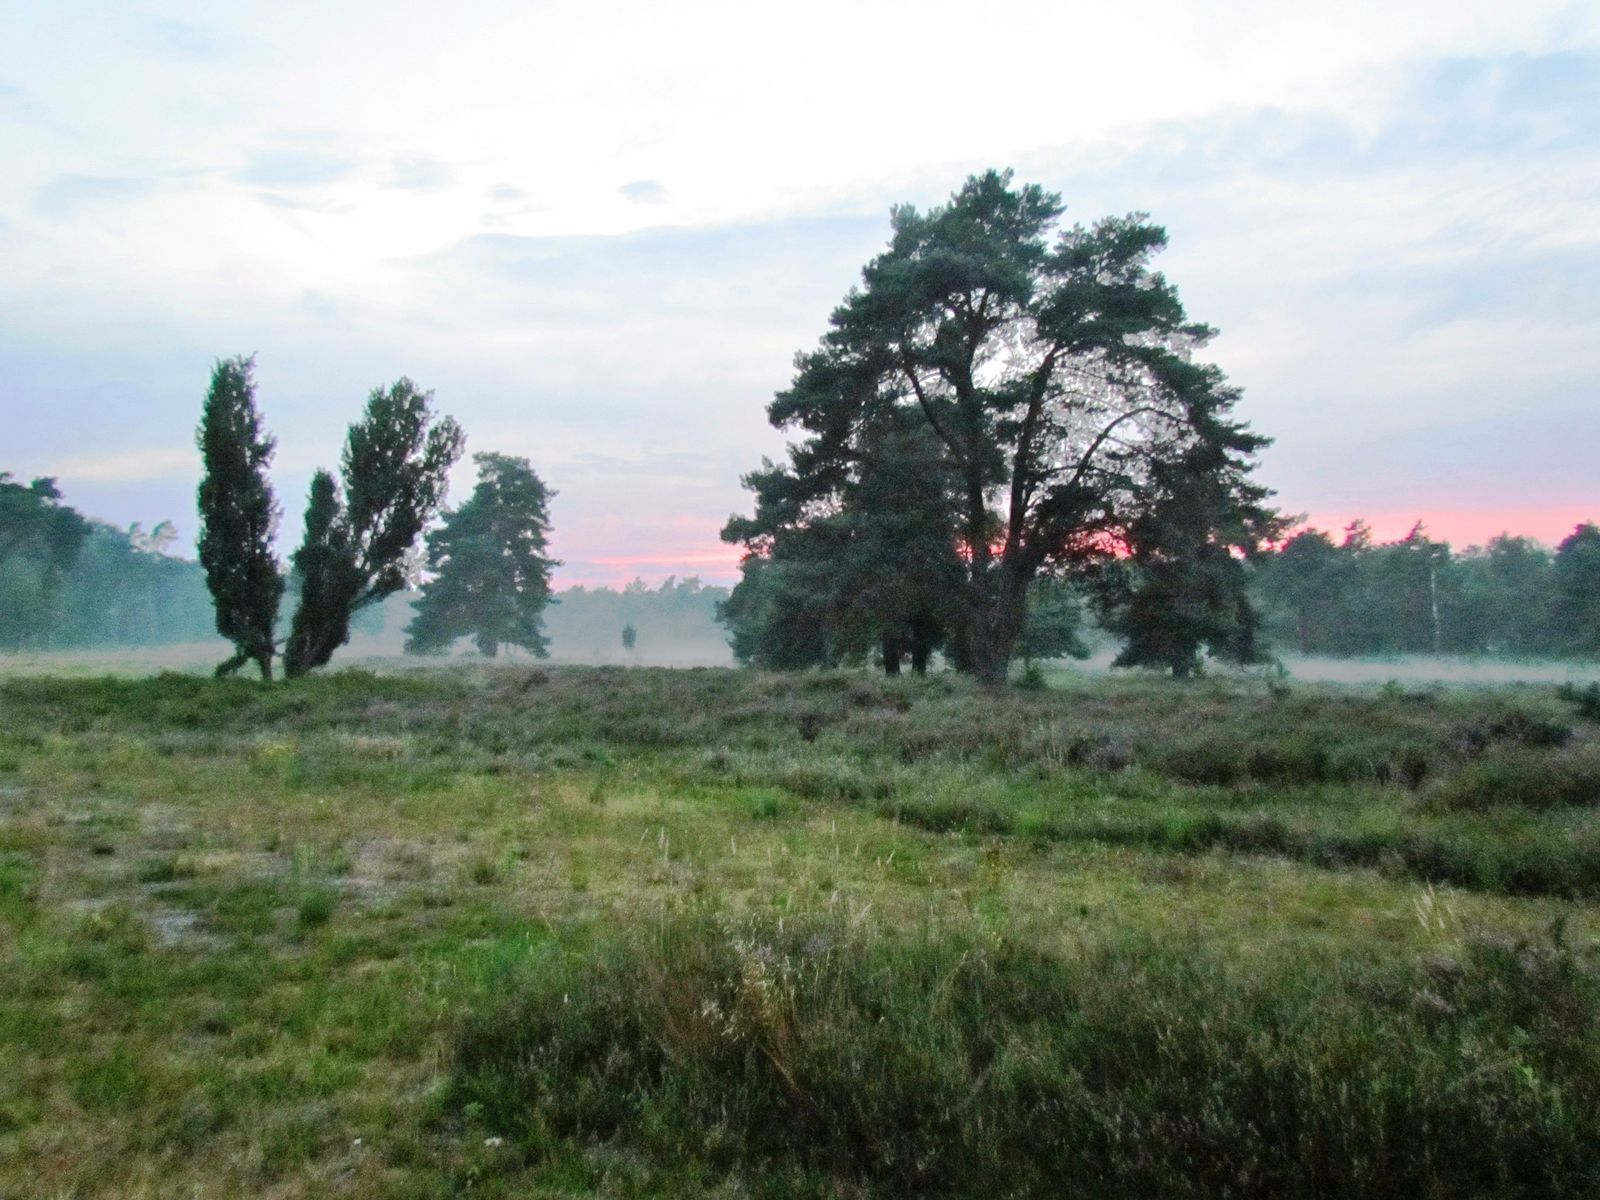 Buitenplaets de Heide Woonhuis - groot 14 persoons vakantiehuis  in Twente voor actief familieweekend